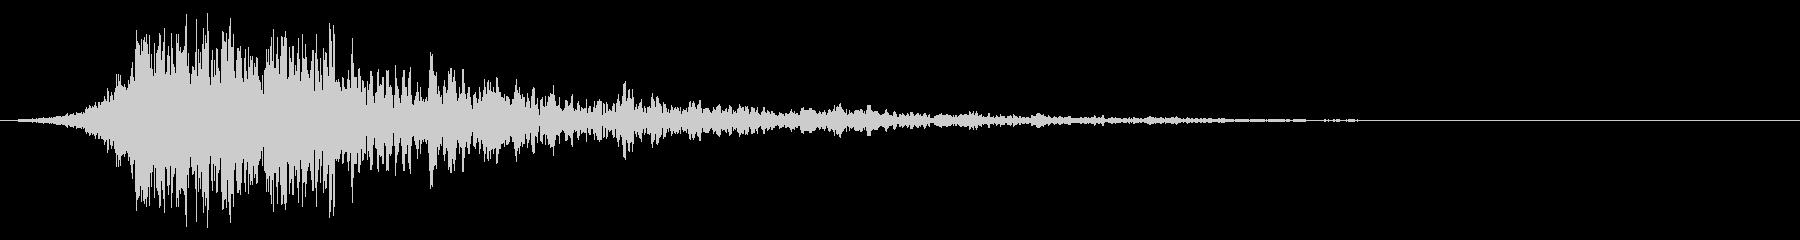 シュードーン-41-2(インパクト音)の未再生の波形